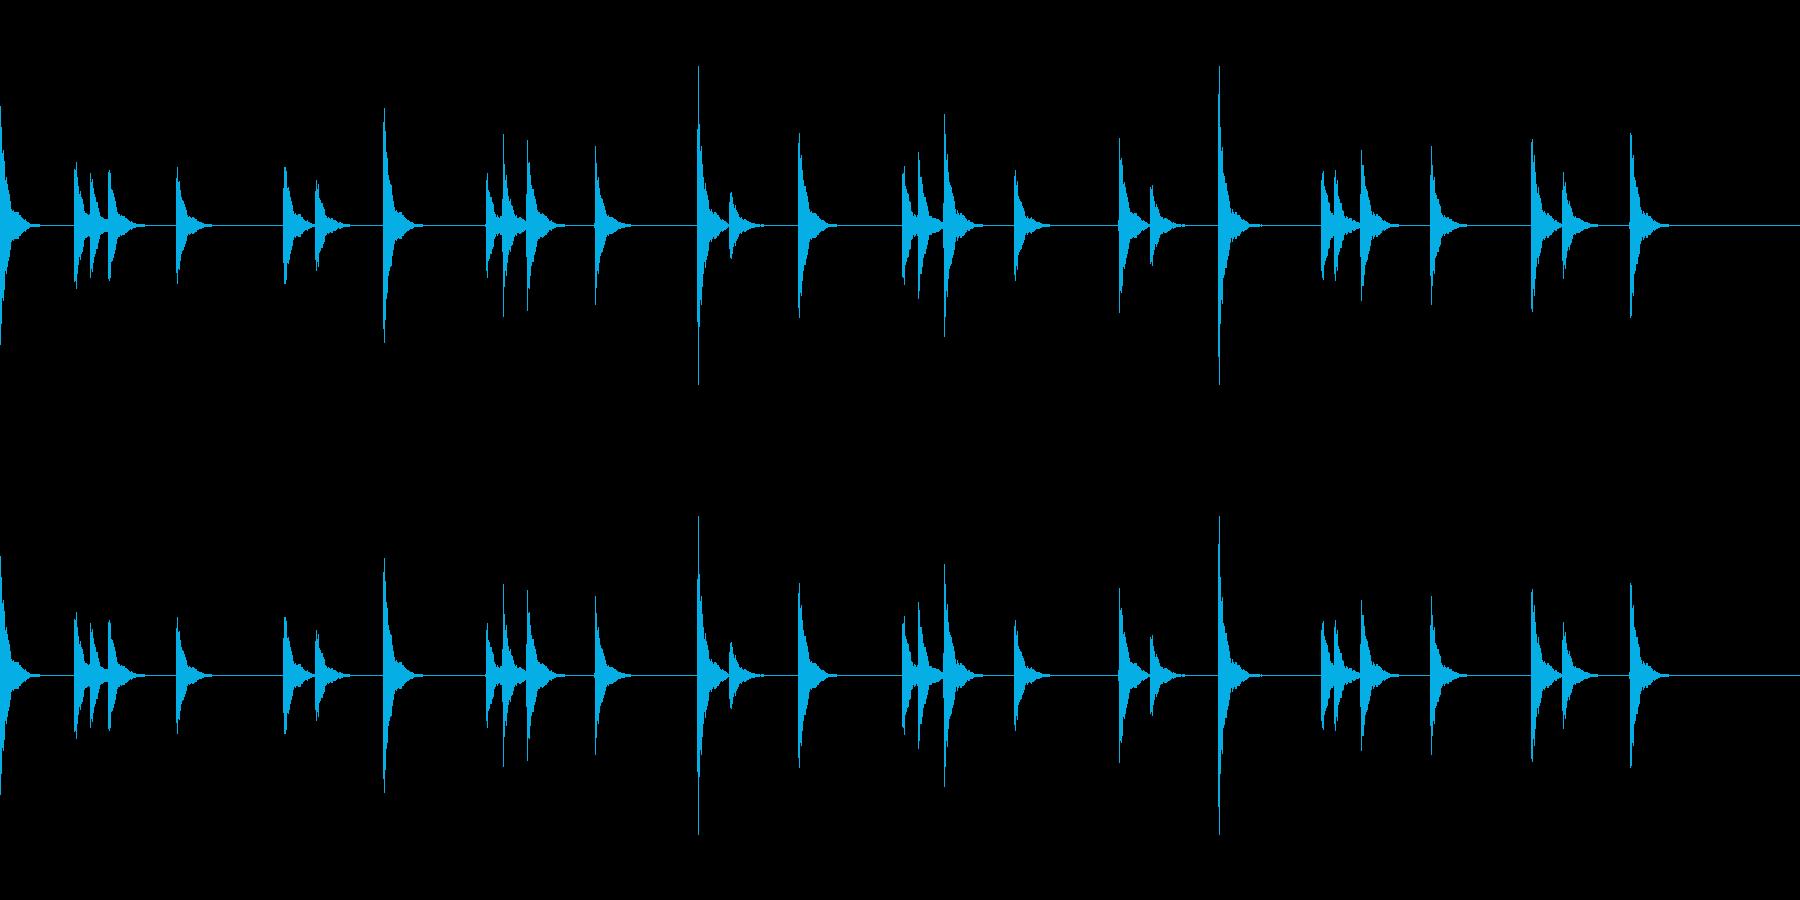 音侍SE お囃子祭りの当たり鉦のループ音の再生済みの波形